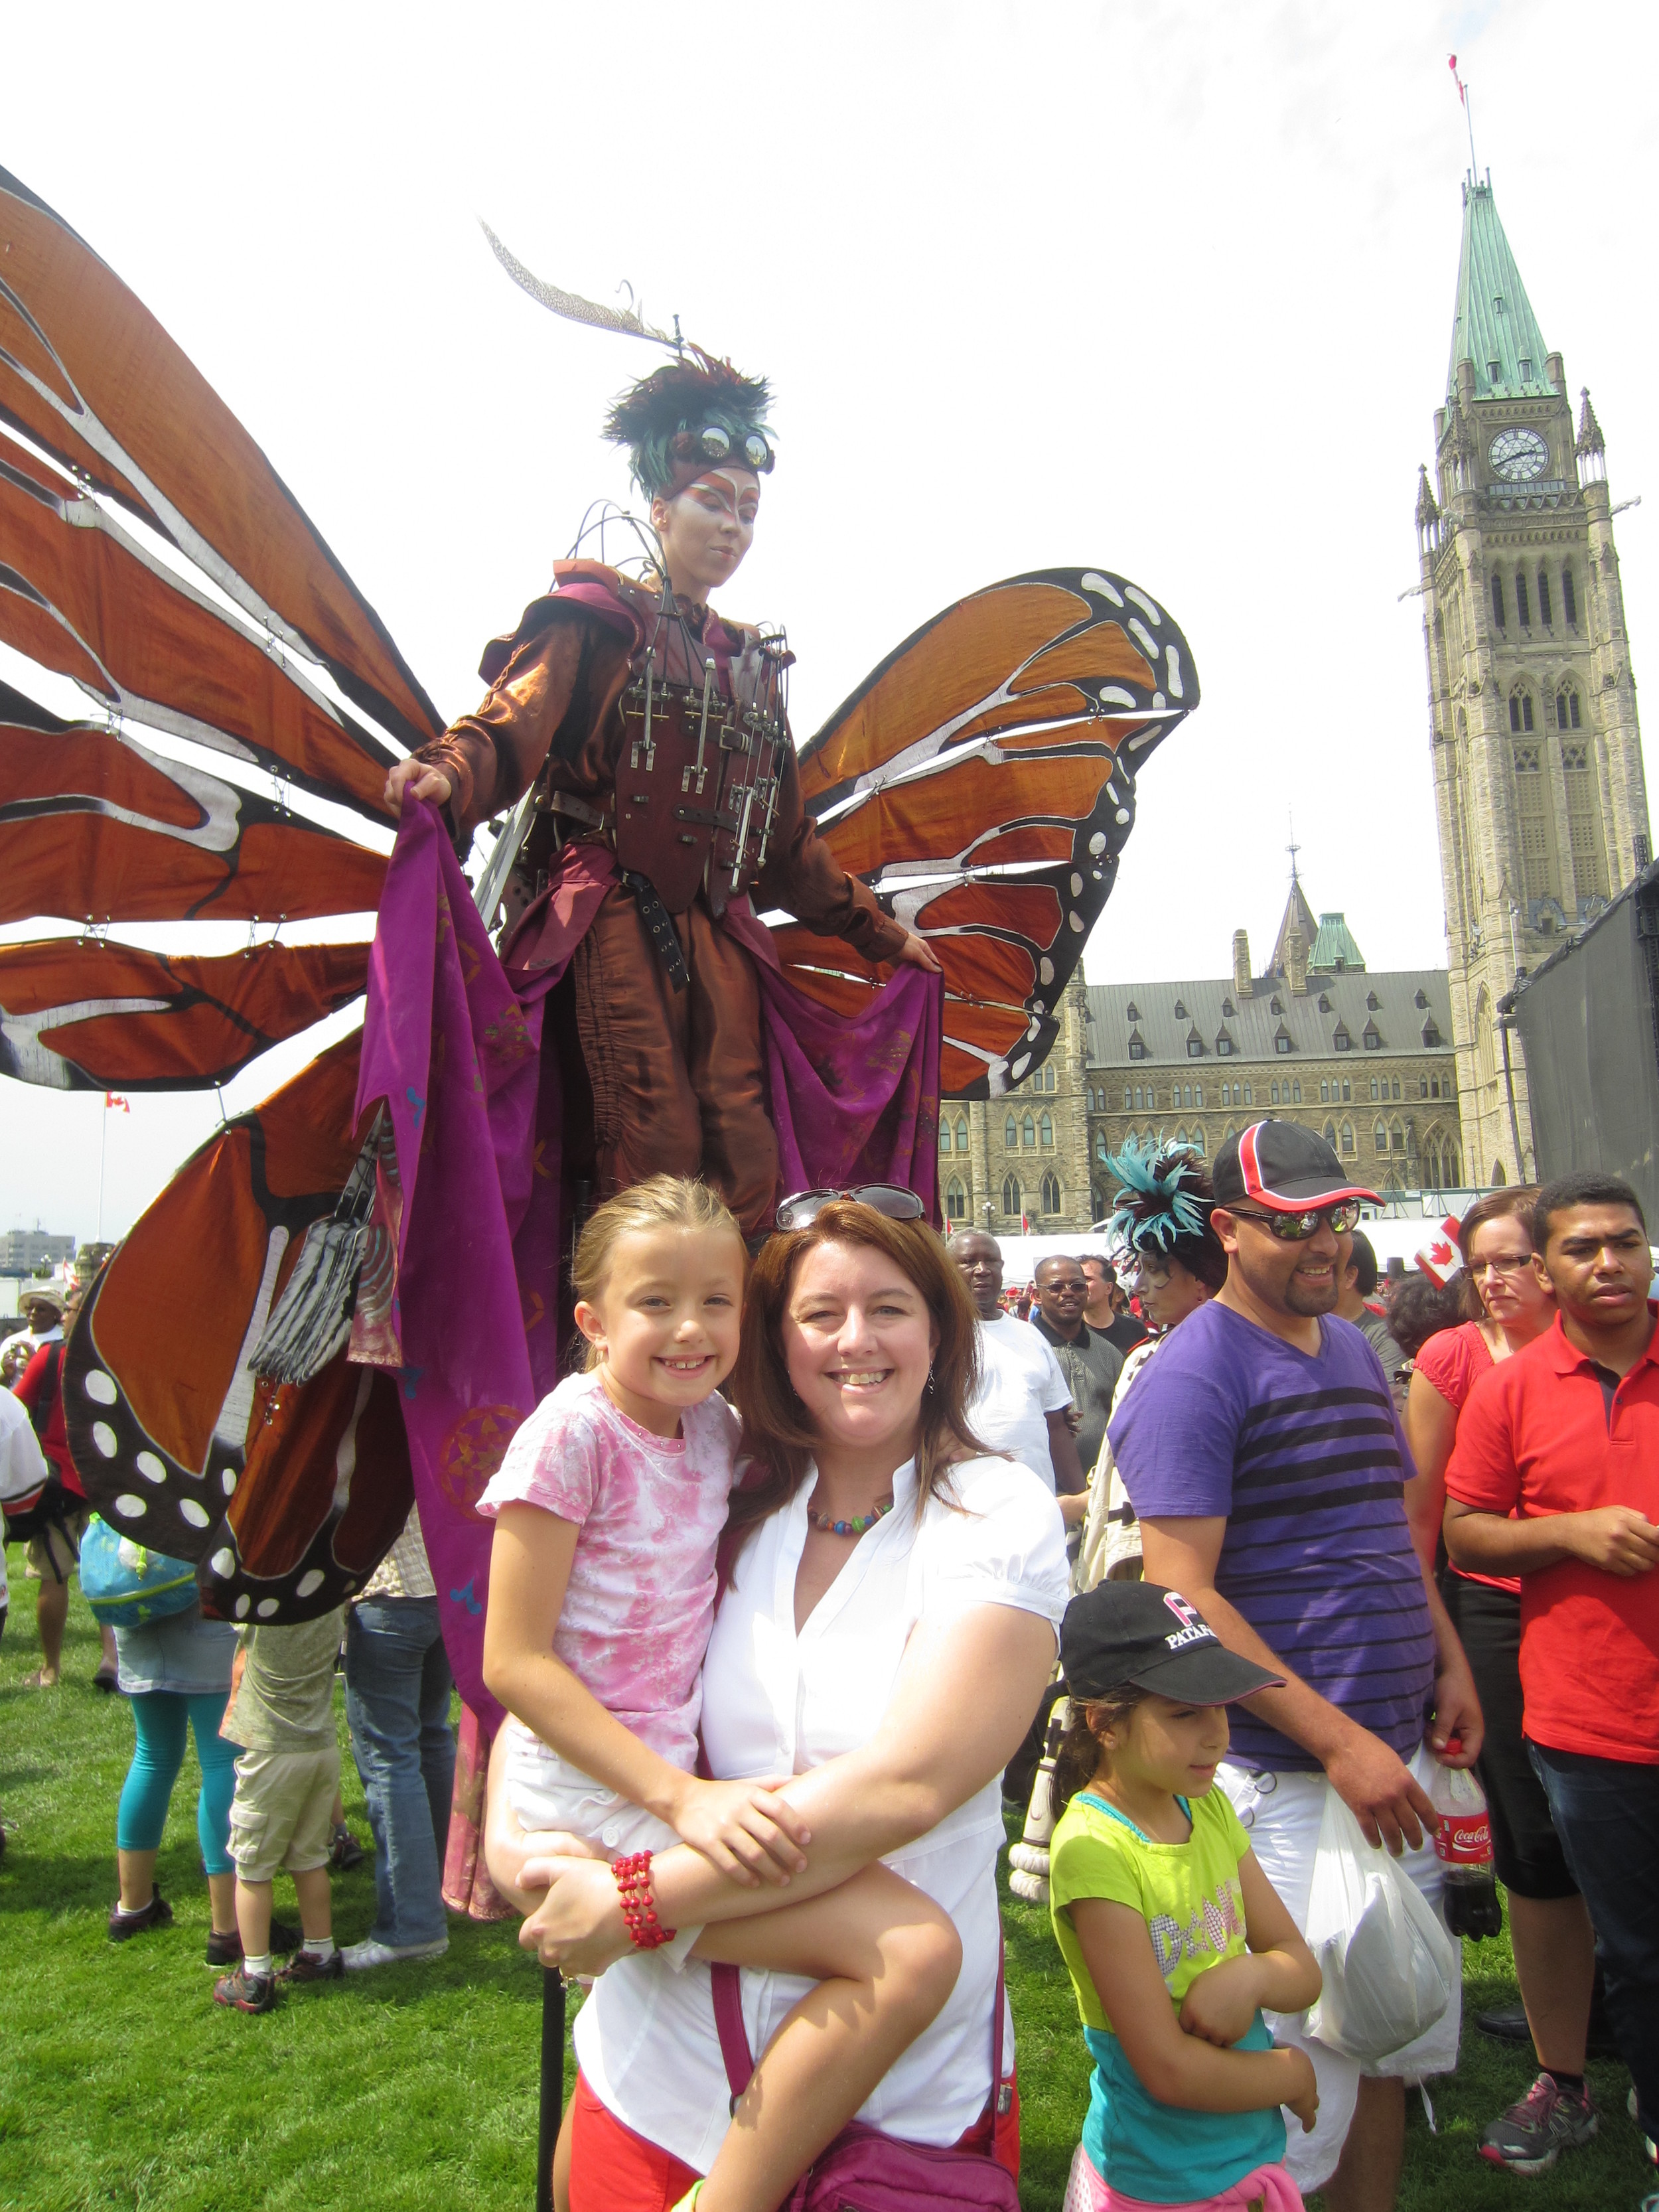 OttawaAndMaine_July2013 334